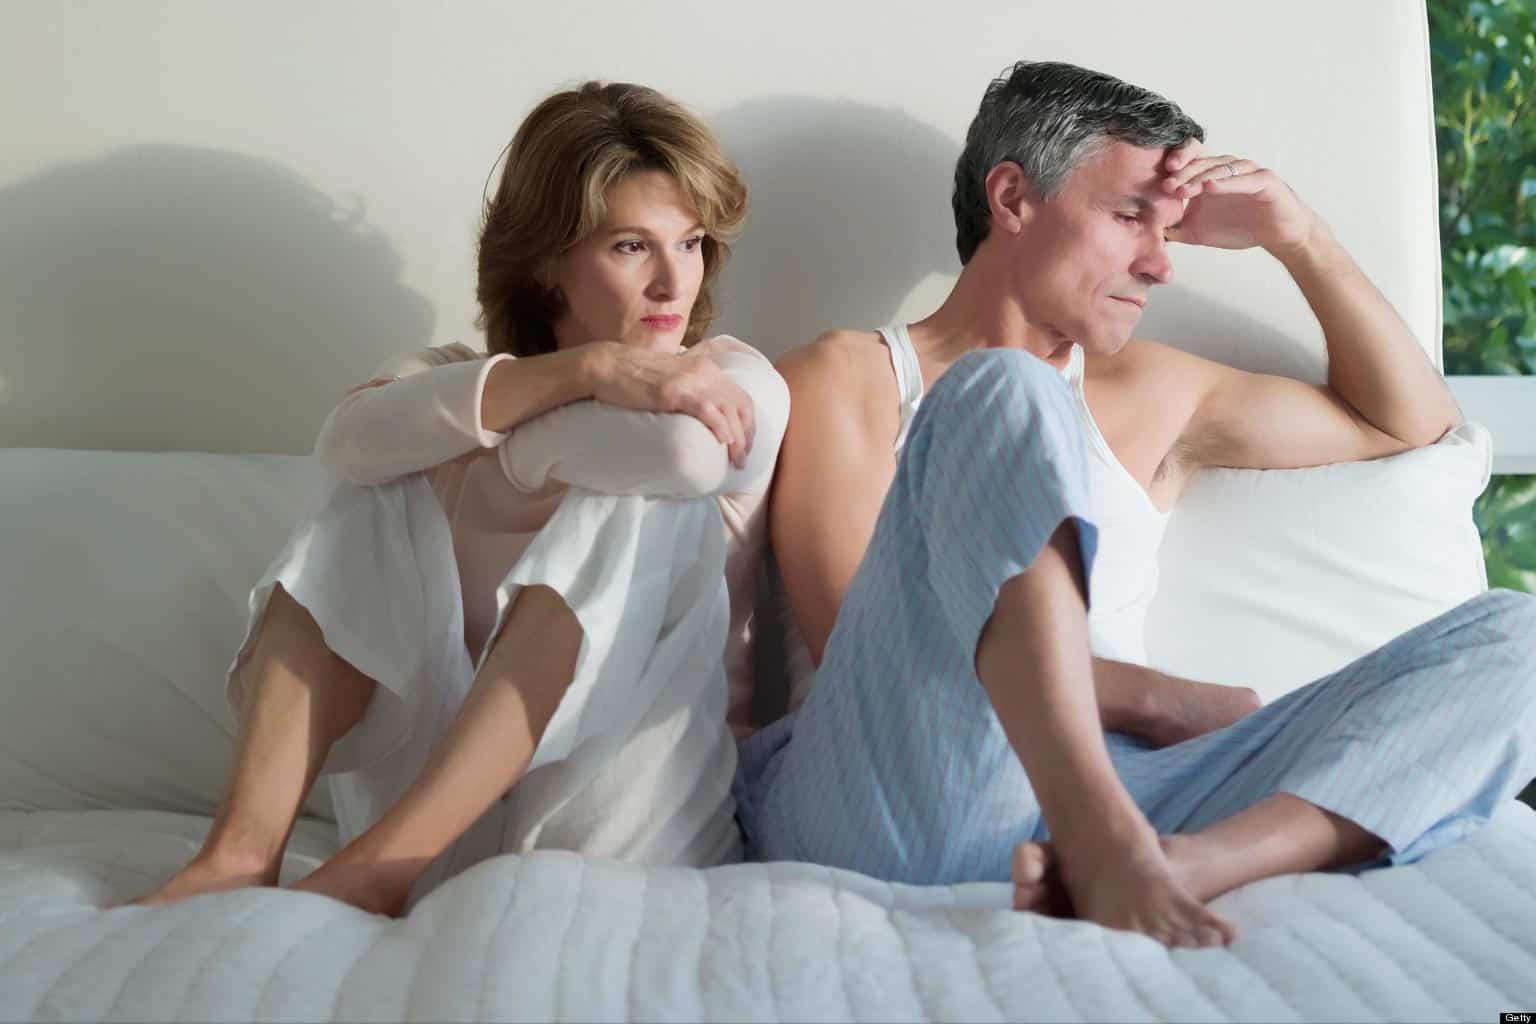 Savjeti kako što lakše preboljeti rastavu braka